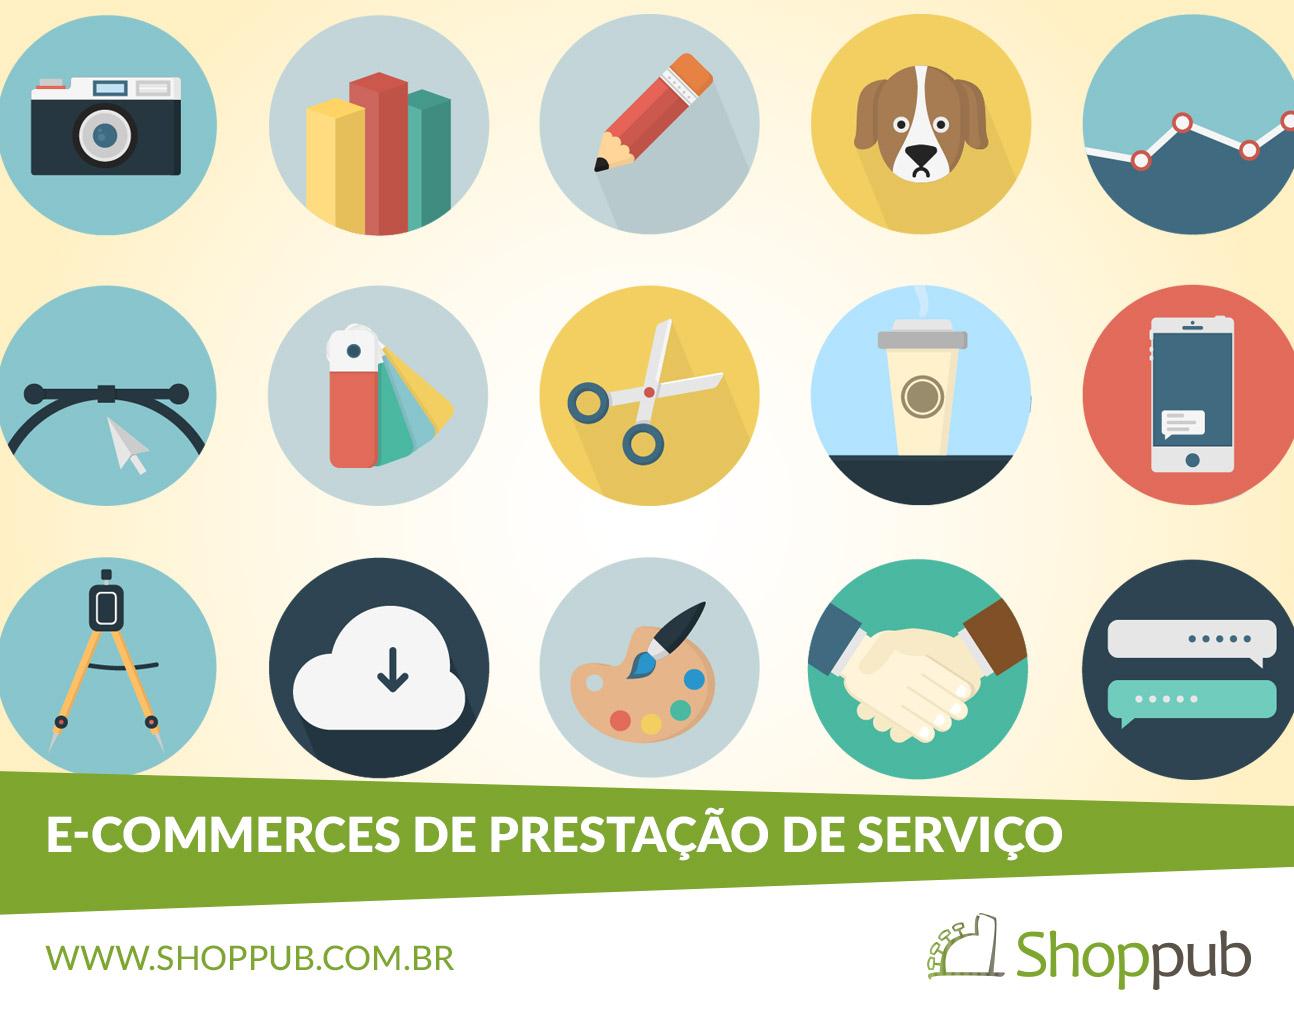 E-commerces de Prestação de Serviço